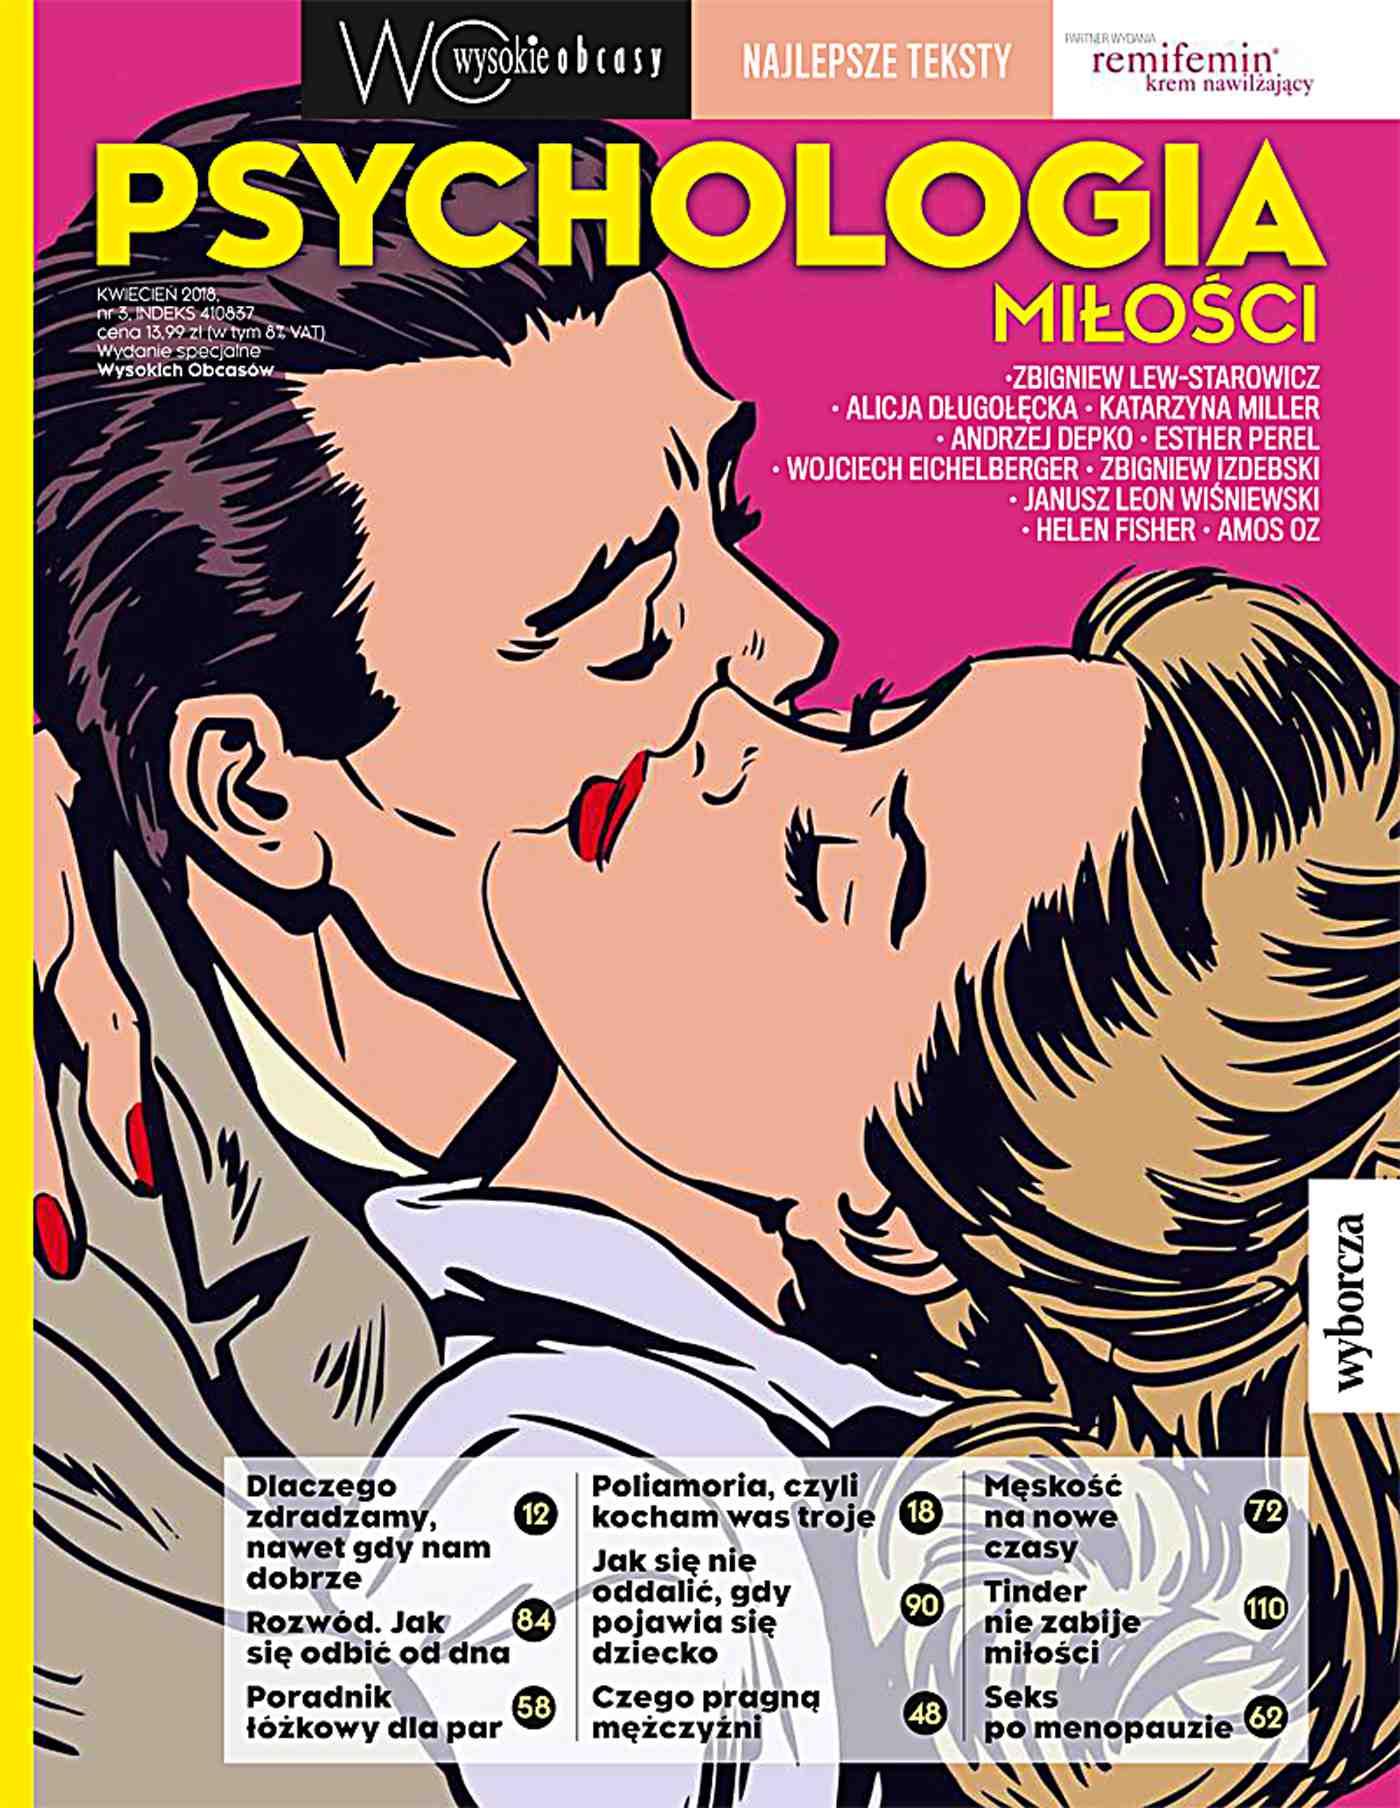 Psychologia miłości. Wysokie Obcasy. Wydanie Specjalne 3/2018 - Ebook (Książka EPUB) do pobrania w formacie EPUB